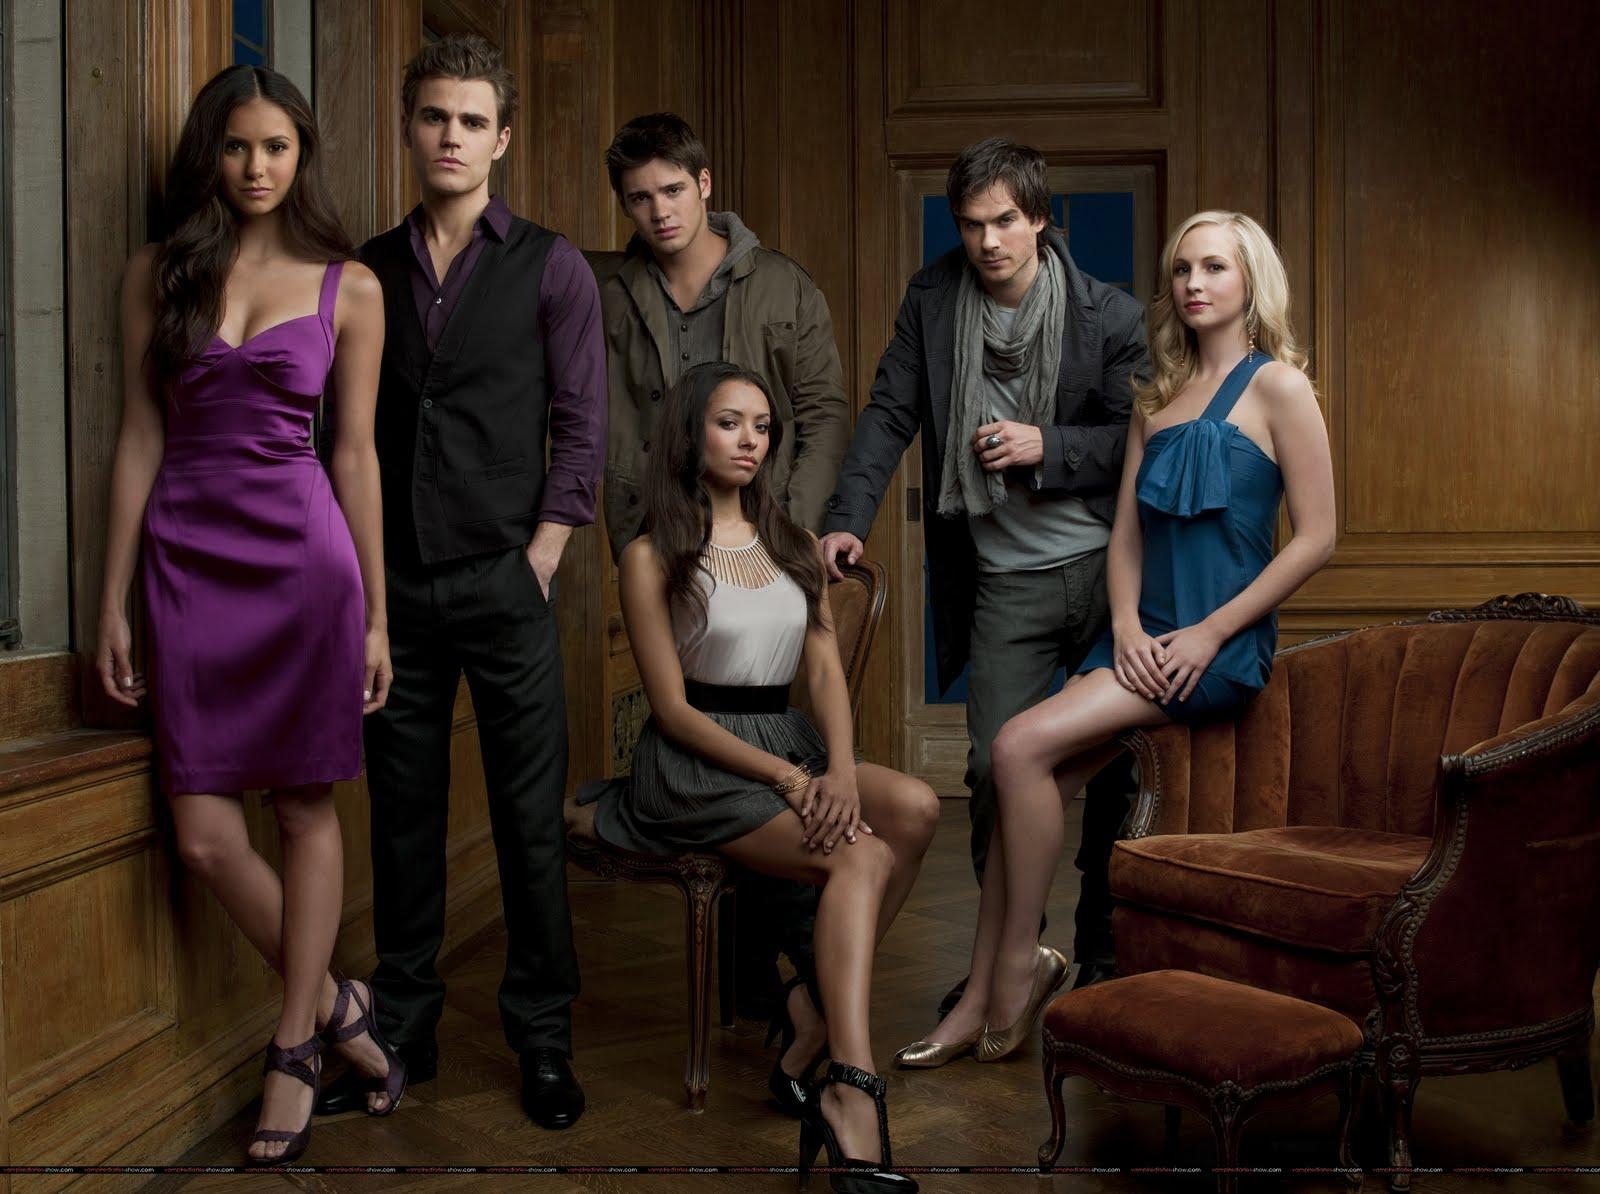 TVD: The Vampire Diaries